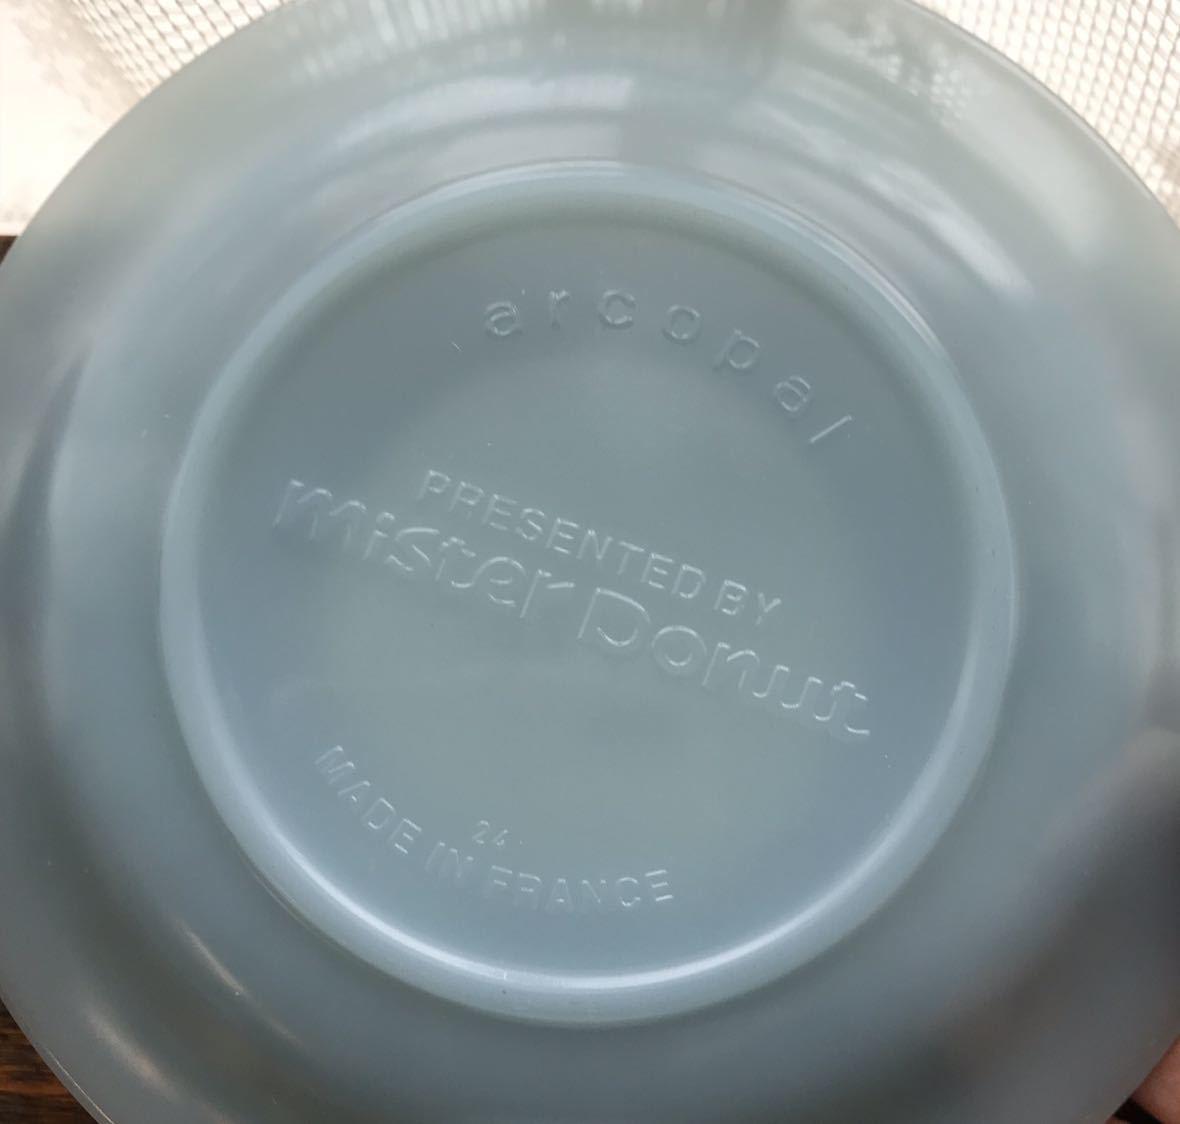 ミスタードーナツ カップ&ソーサー シール付き新品 アルコパル arcopal ノベルティ ミルクガラス ミスド 食器_画像7